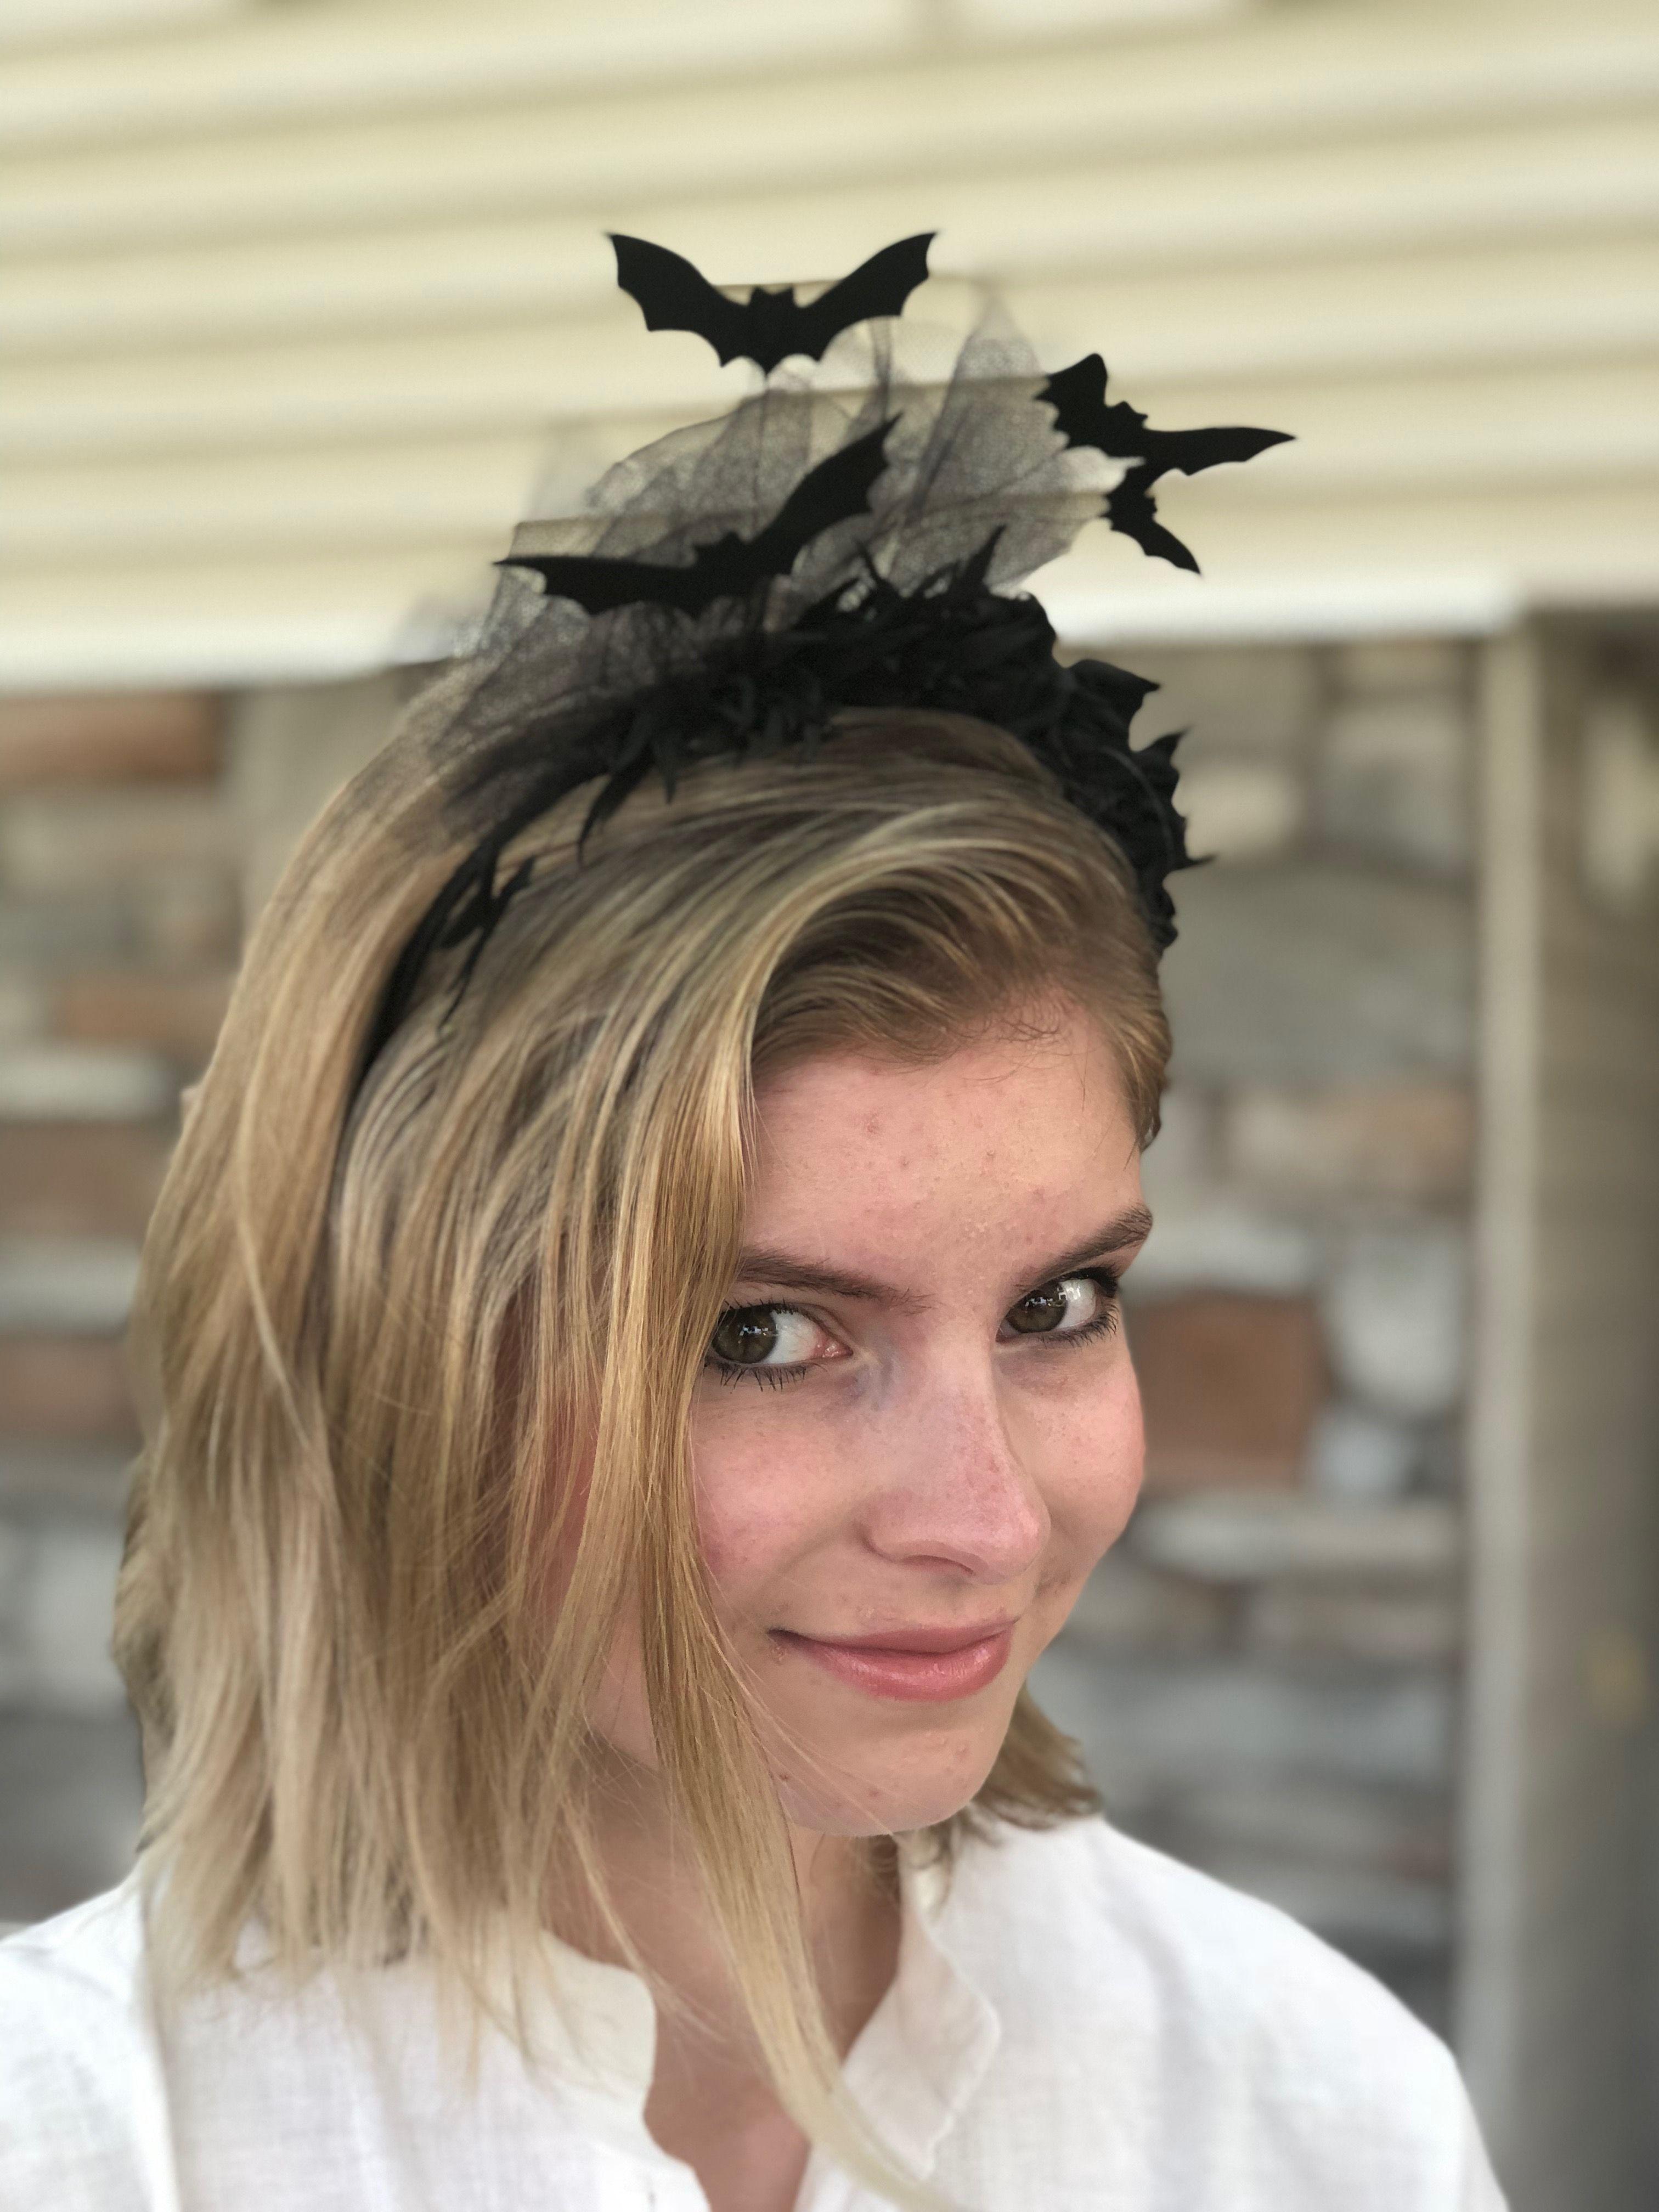 Bats headband gothic headband goth emo headband vampire headband